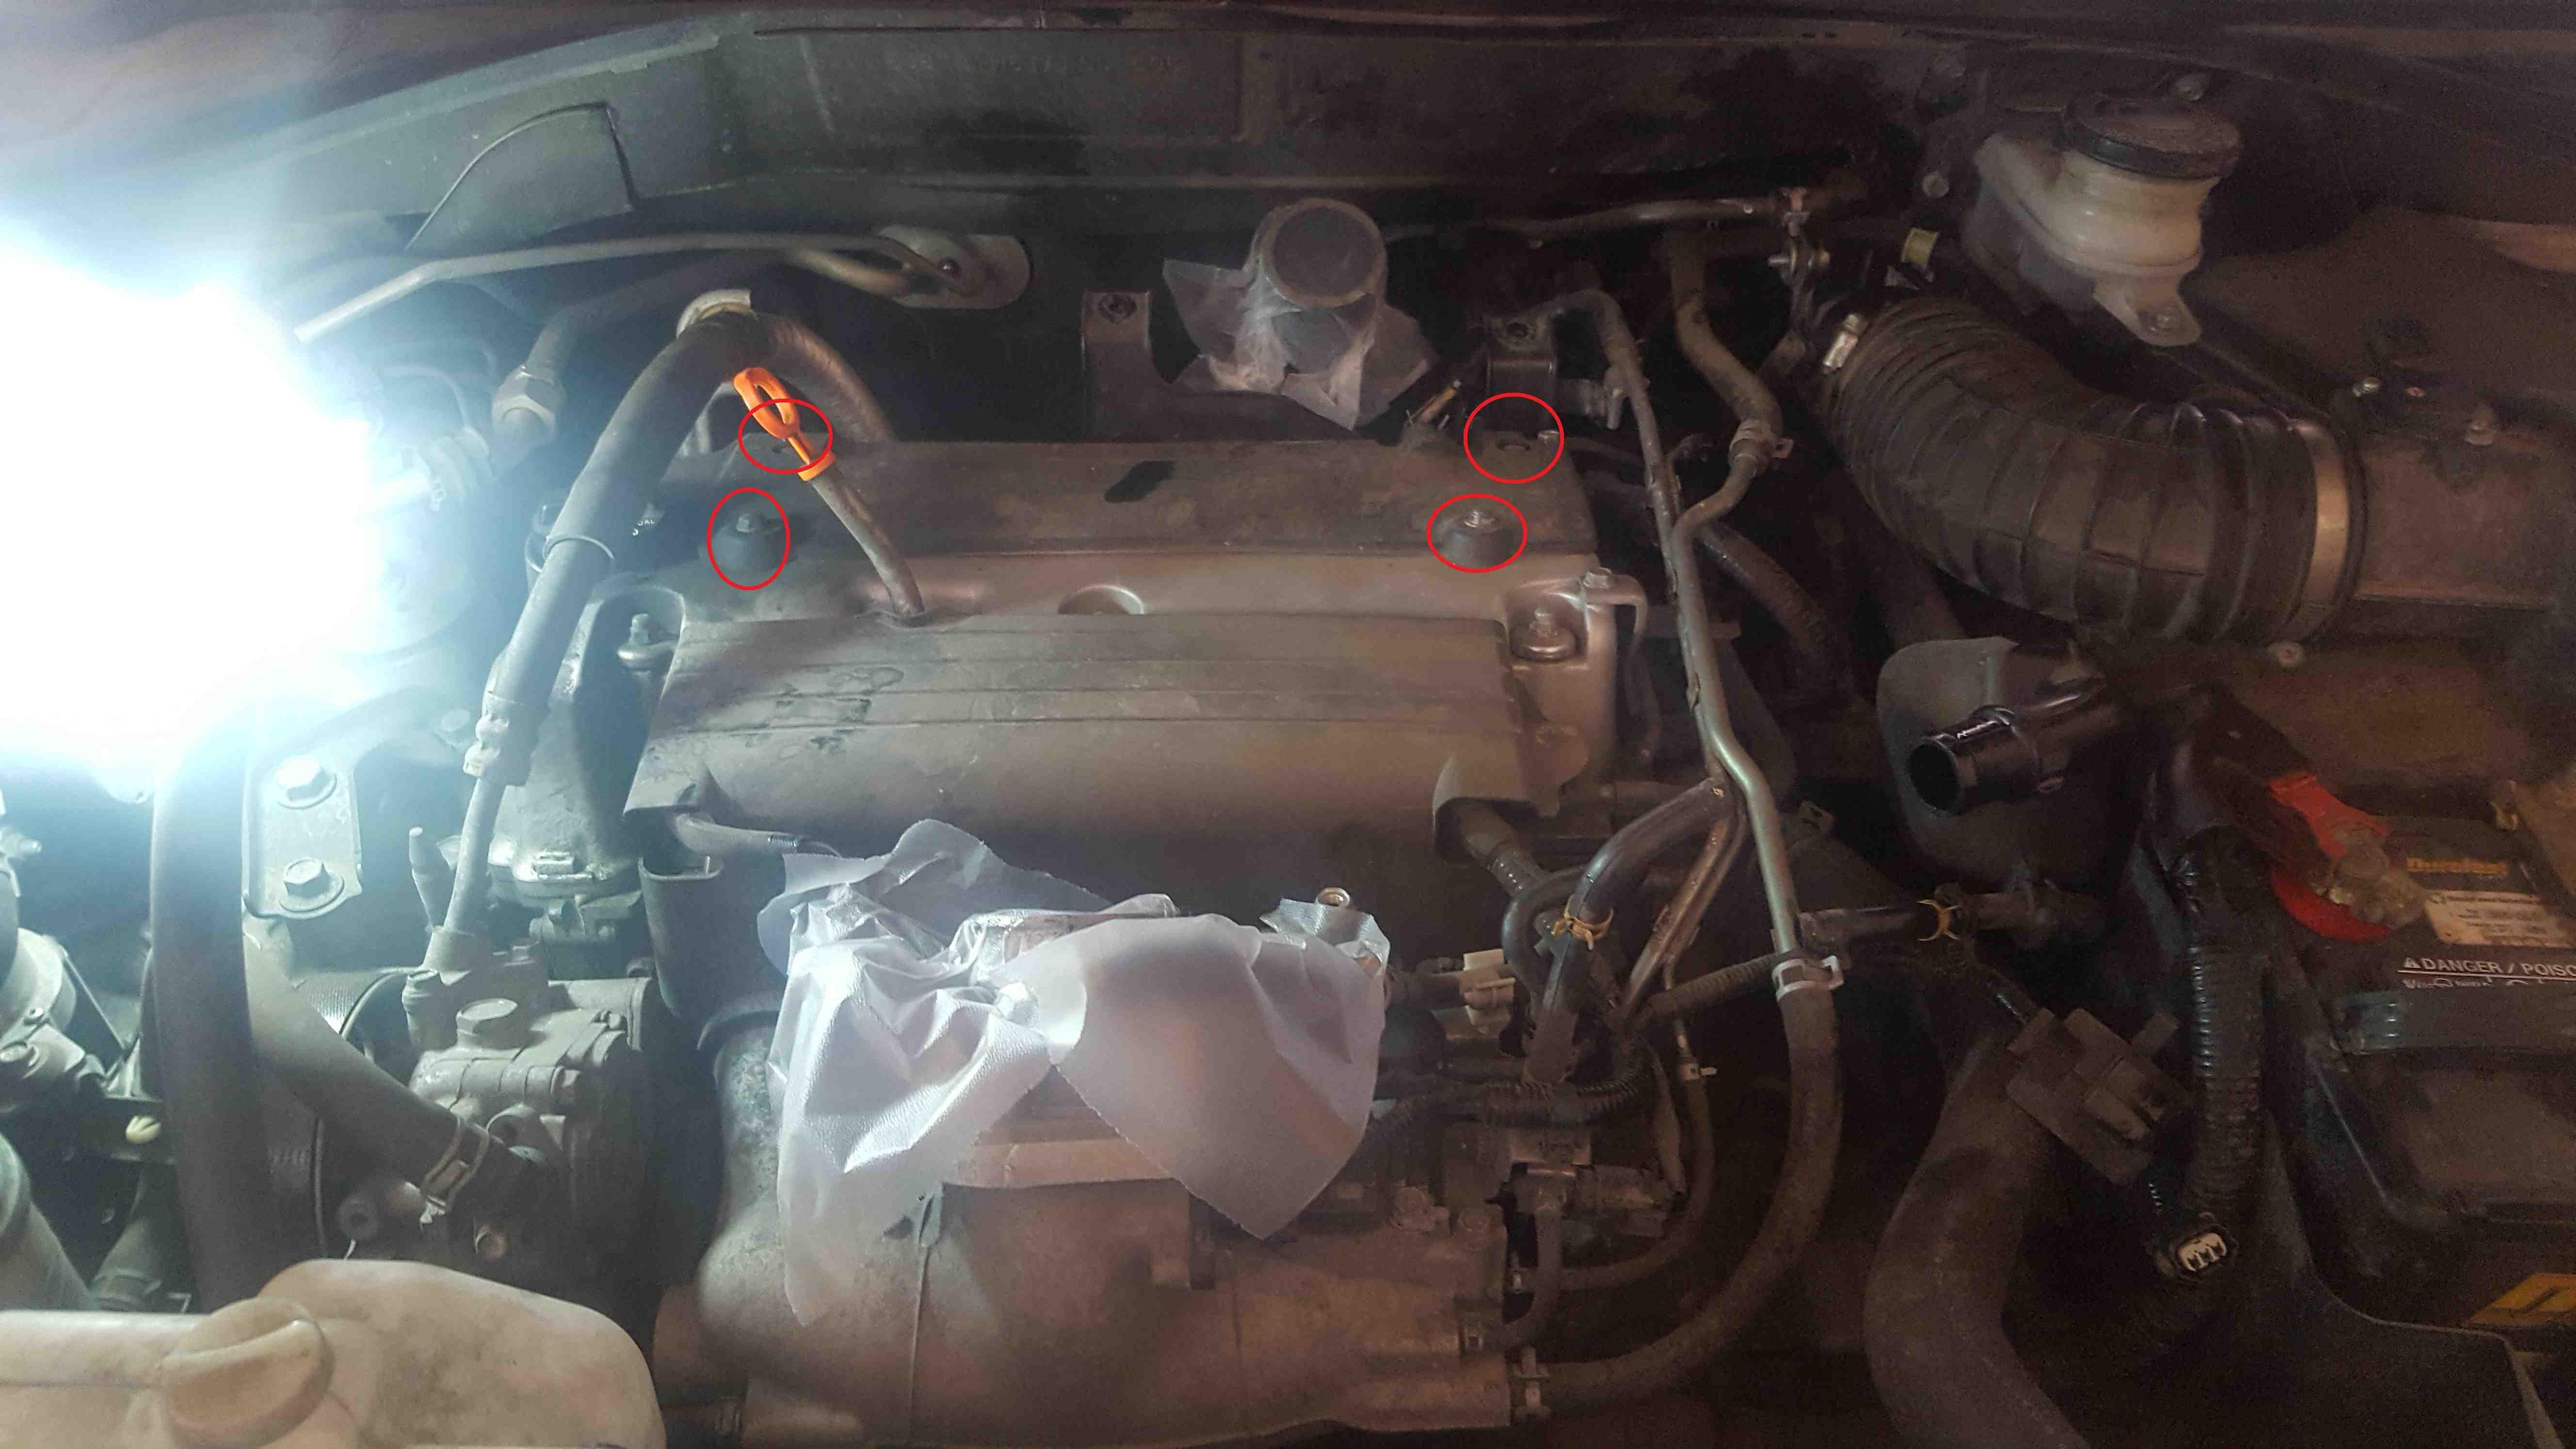 spark plug cover